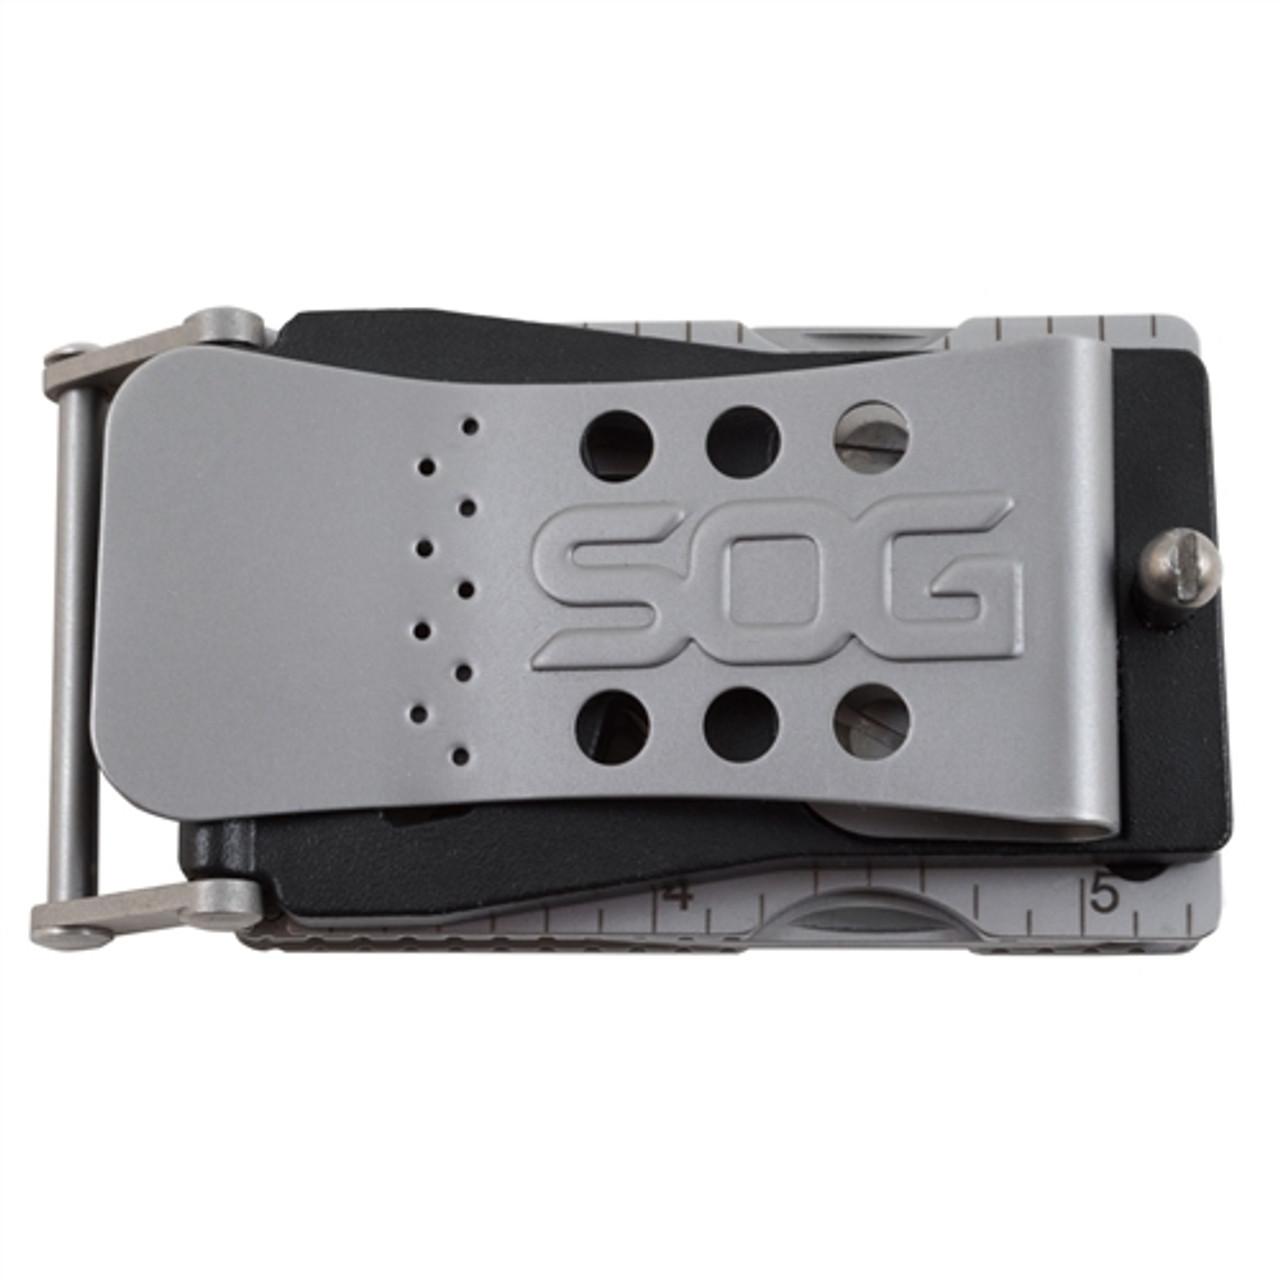 SOG SN-1001 Sync I Belt Buckle Multi-Tool, 11 Tools